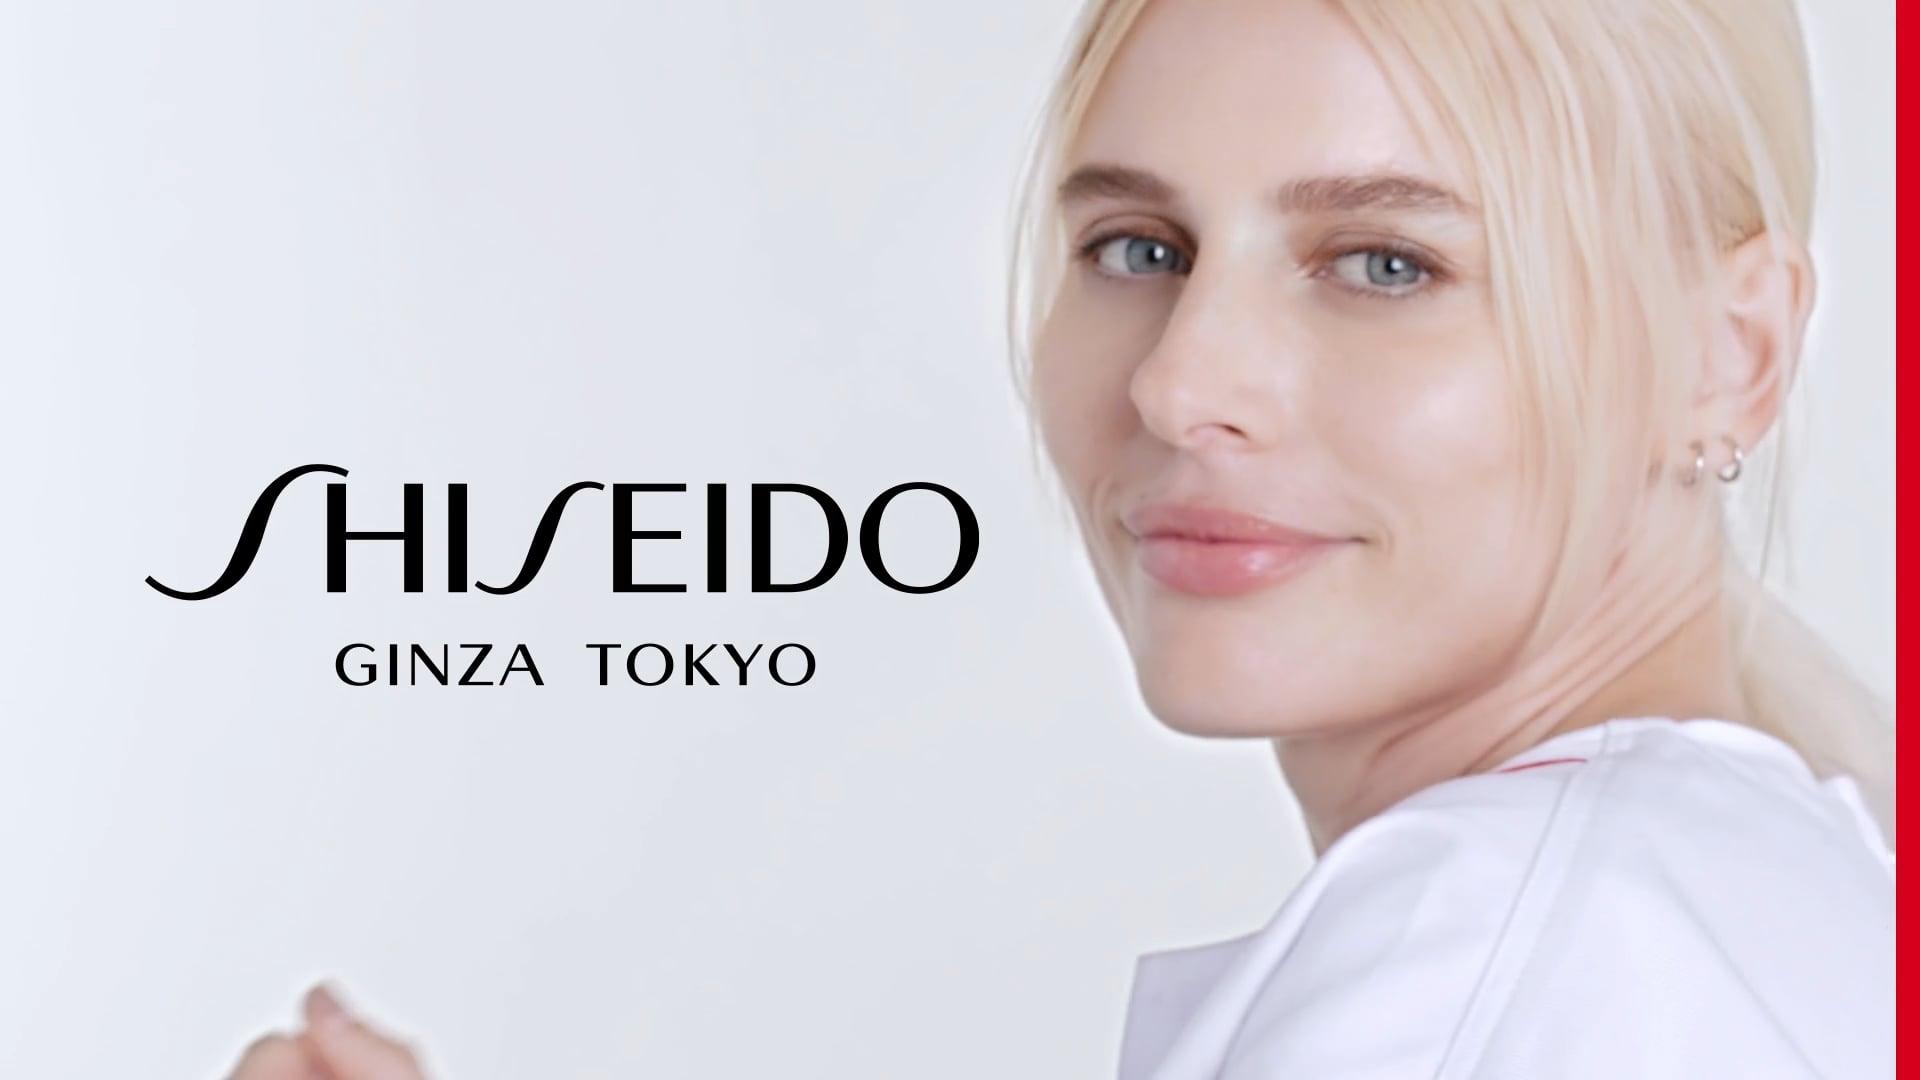 Shiseido Lauren Wasser